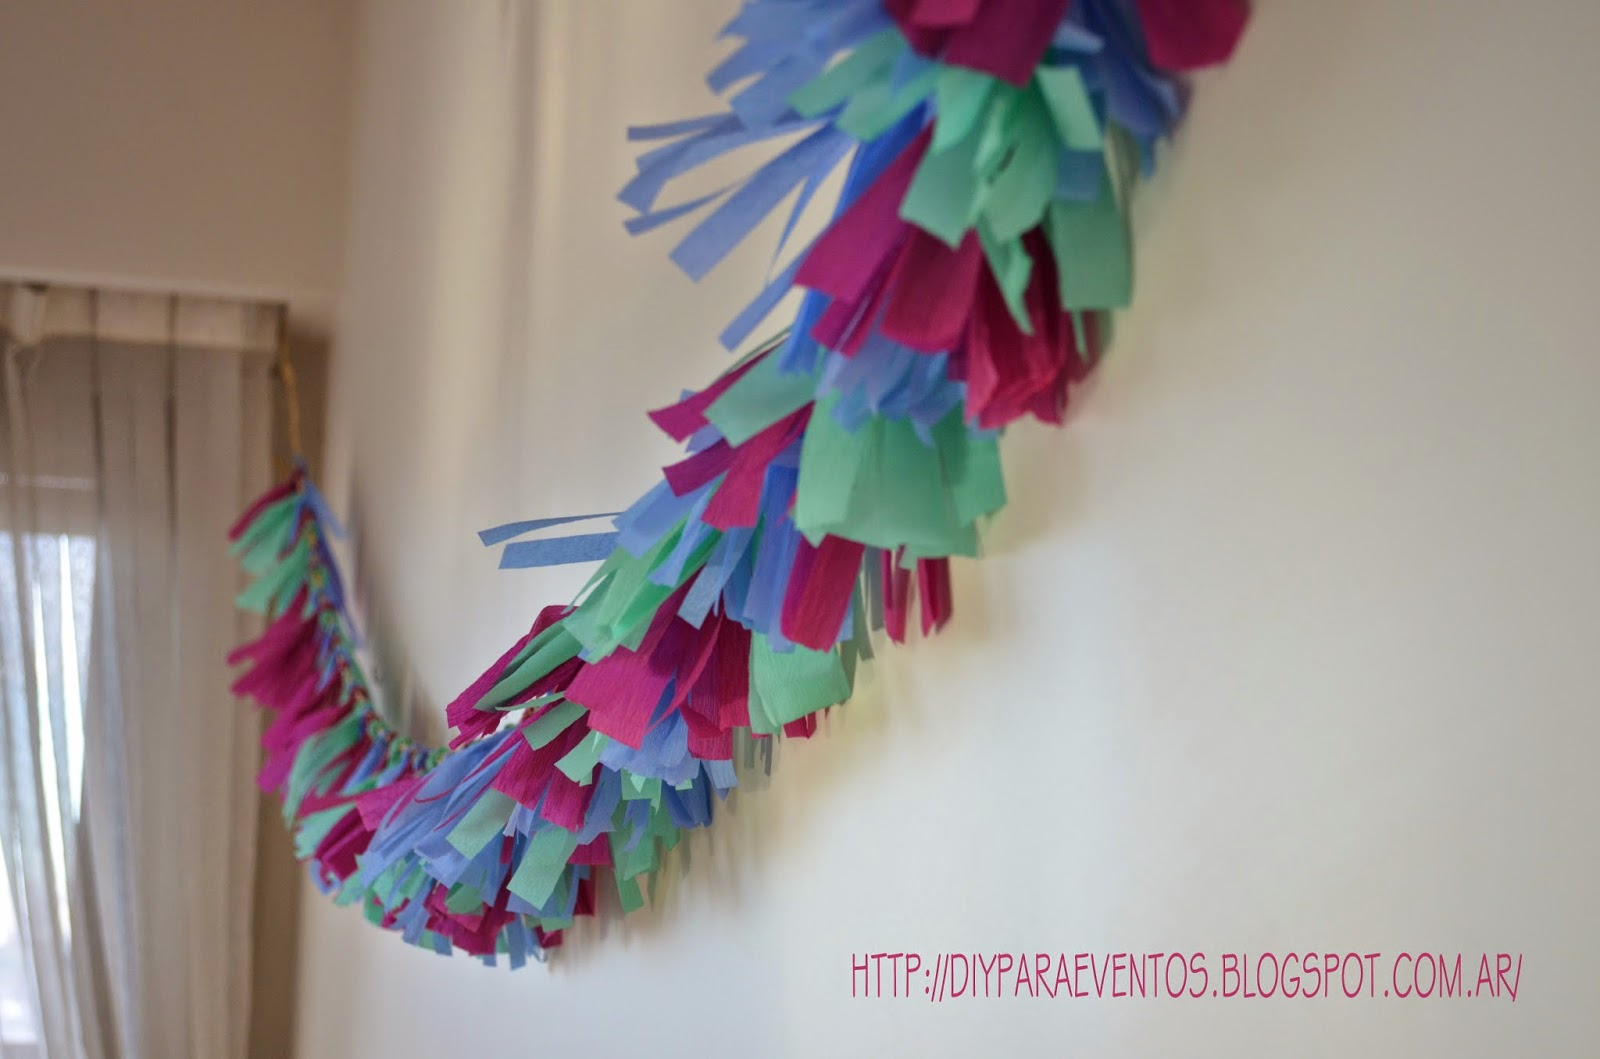 Souvenirs y decoraci n para ocasiones especiales - Como hacer cadenetas de papel para fiestas ...